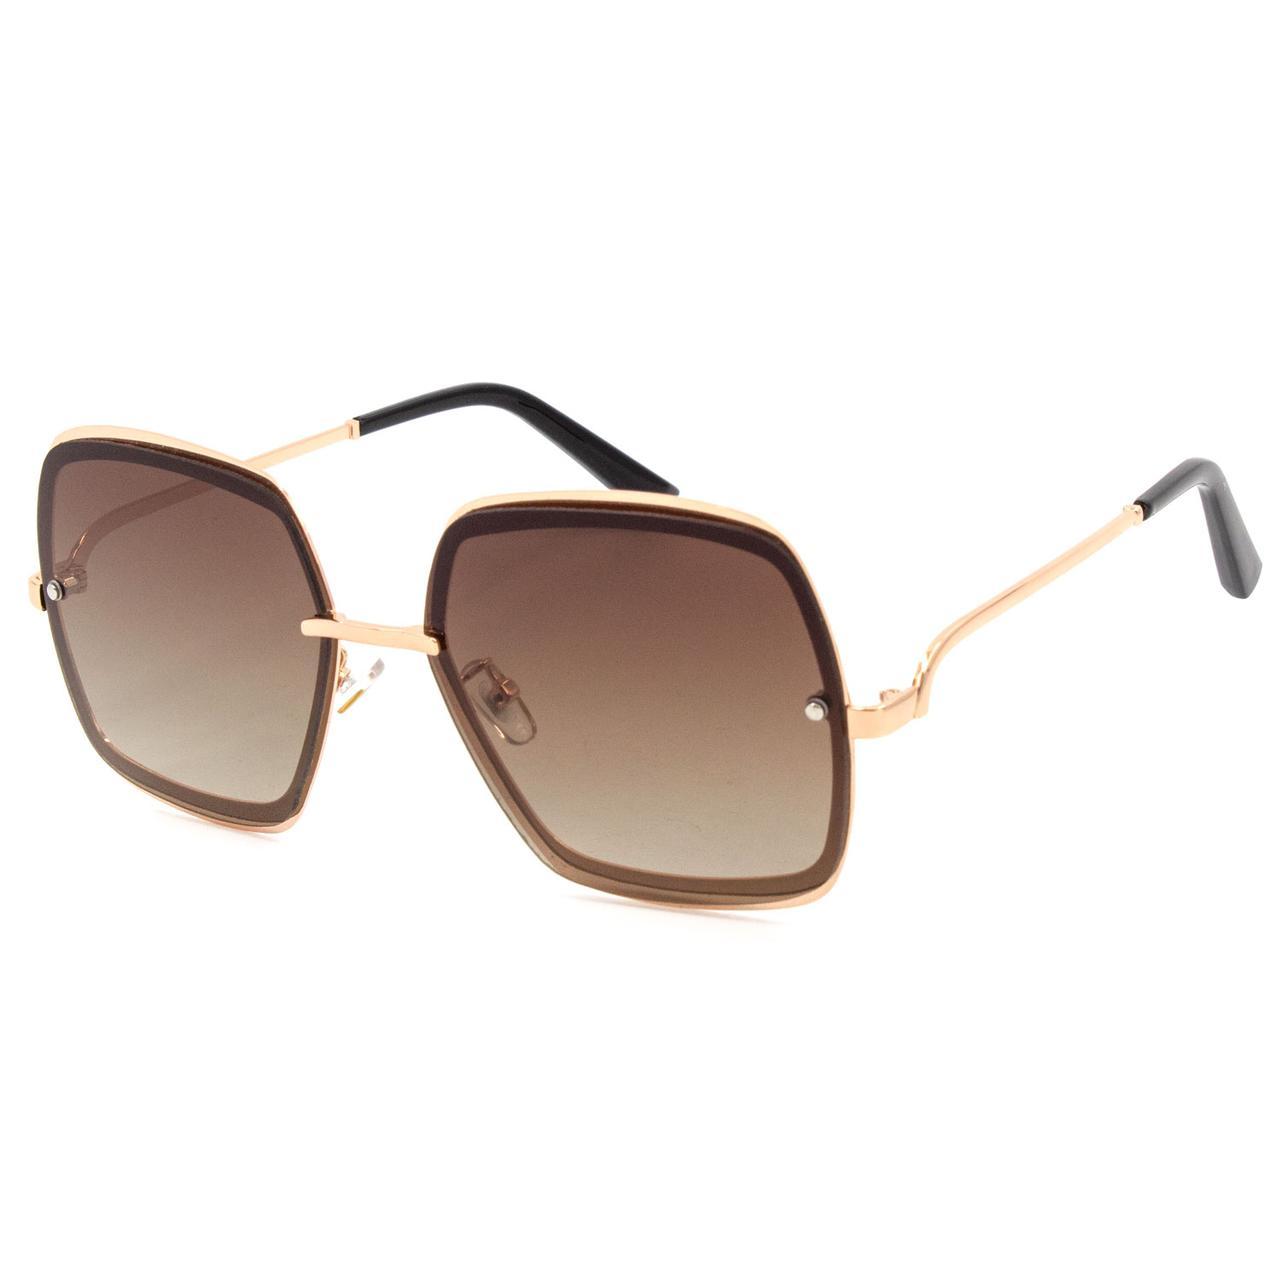 Солнцезащитные очки Marmilen Polar 6340 C4 бежевые    ( 6340-04 )